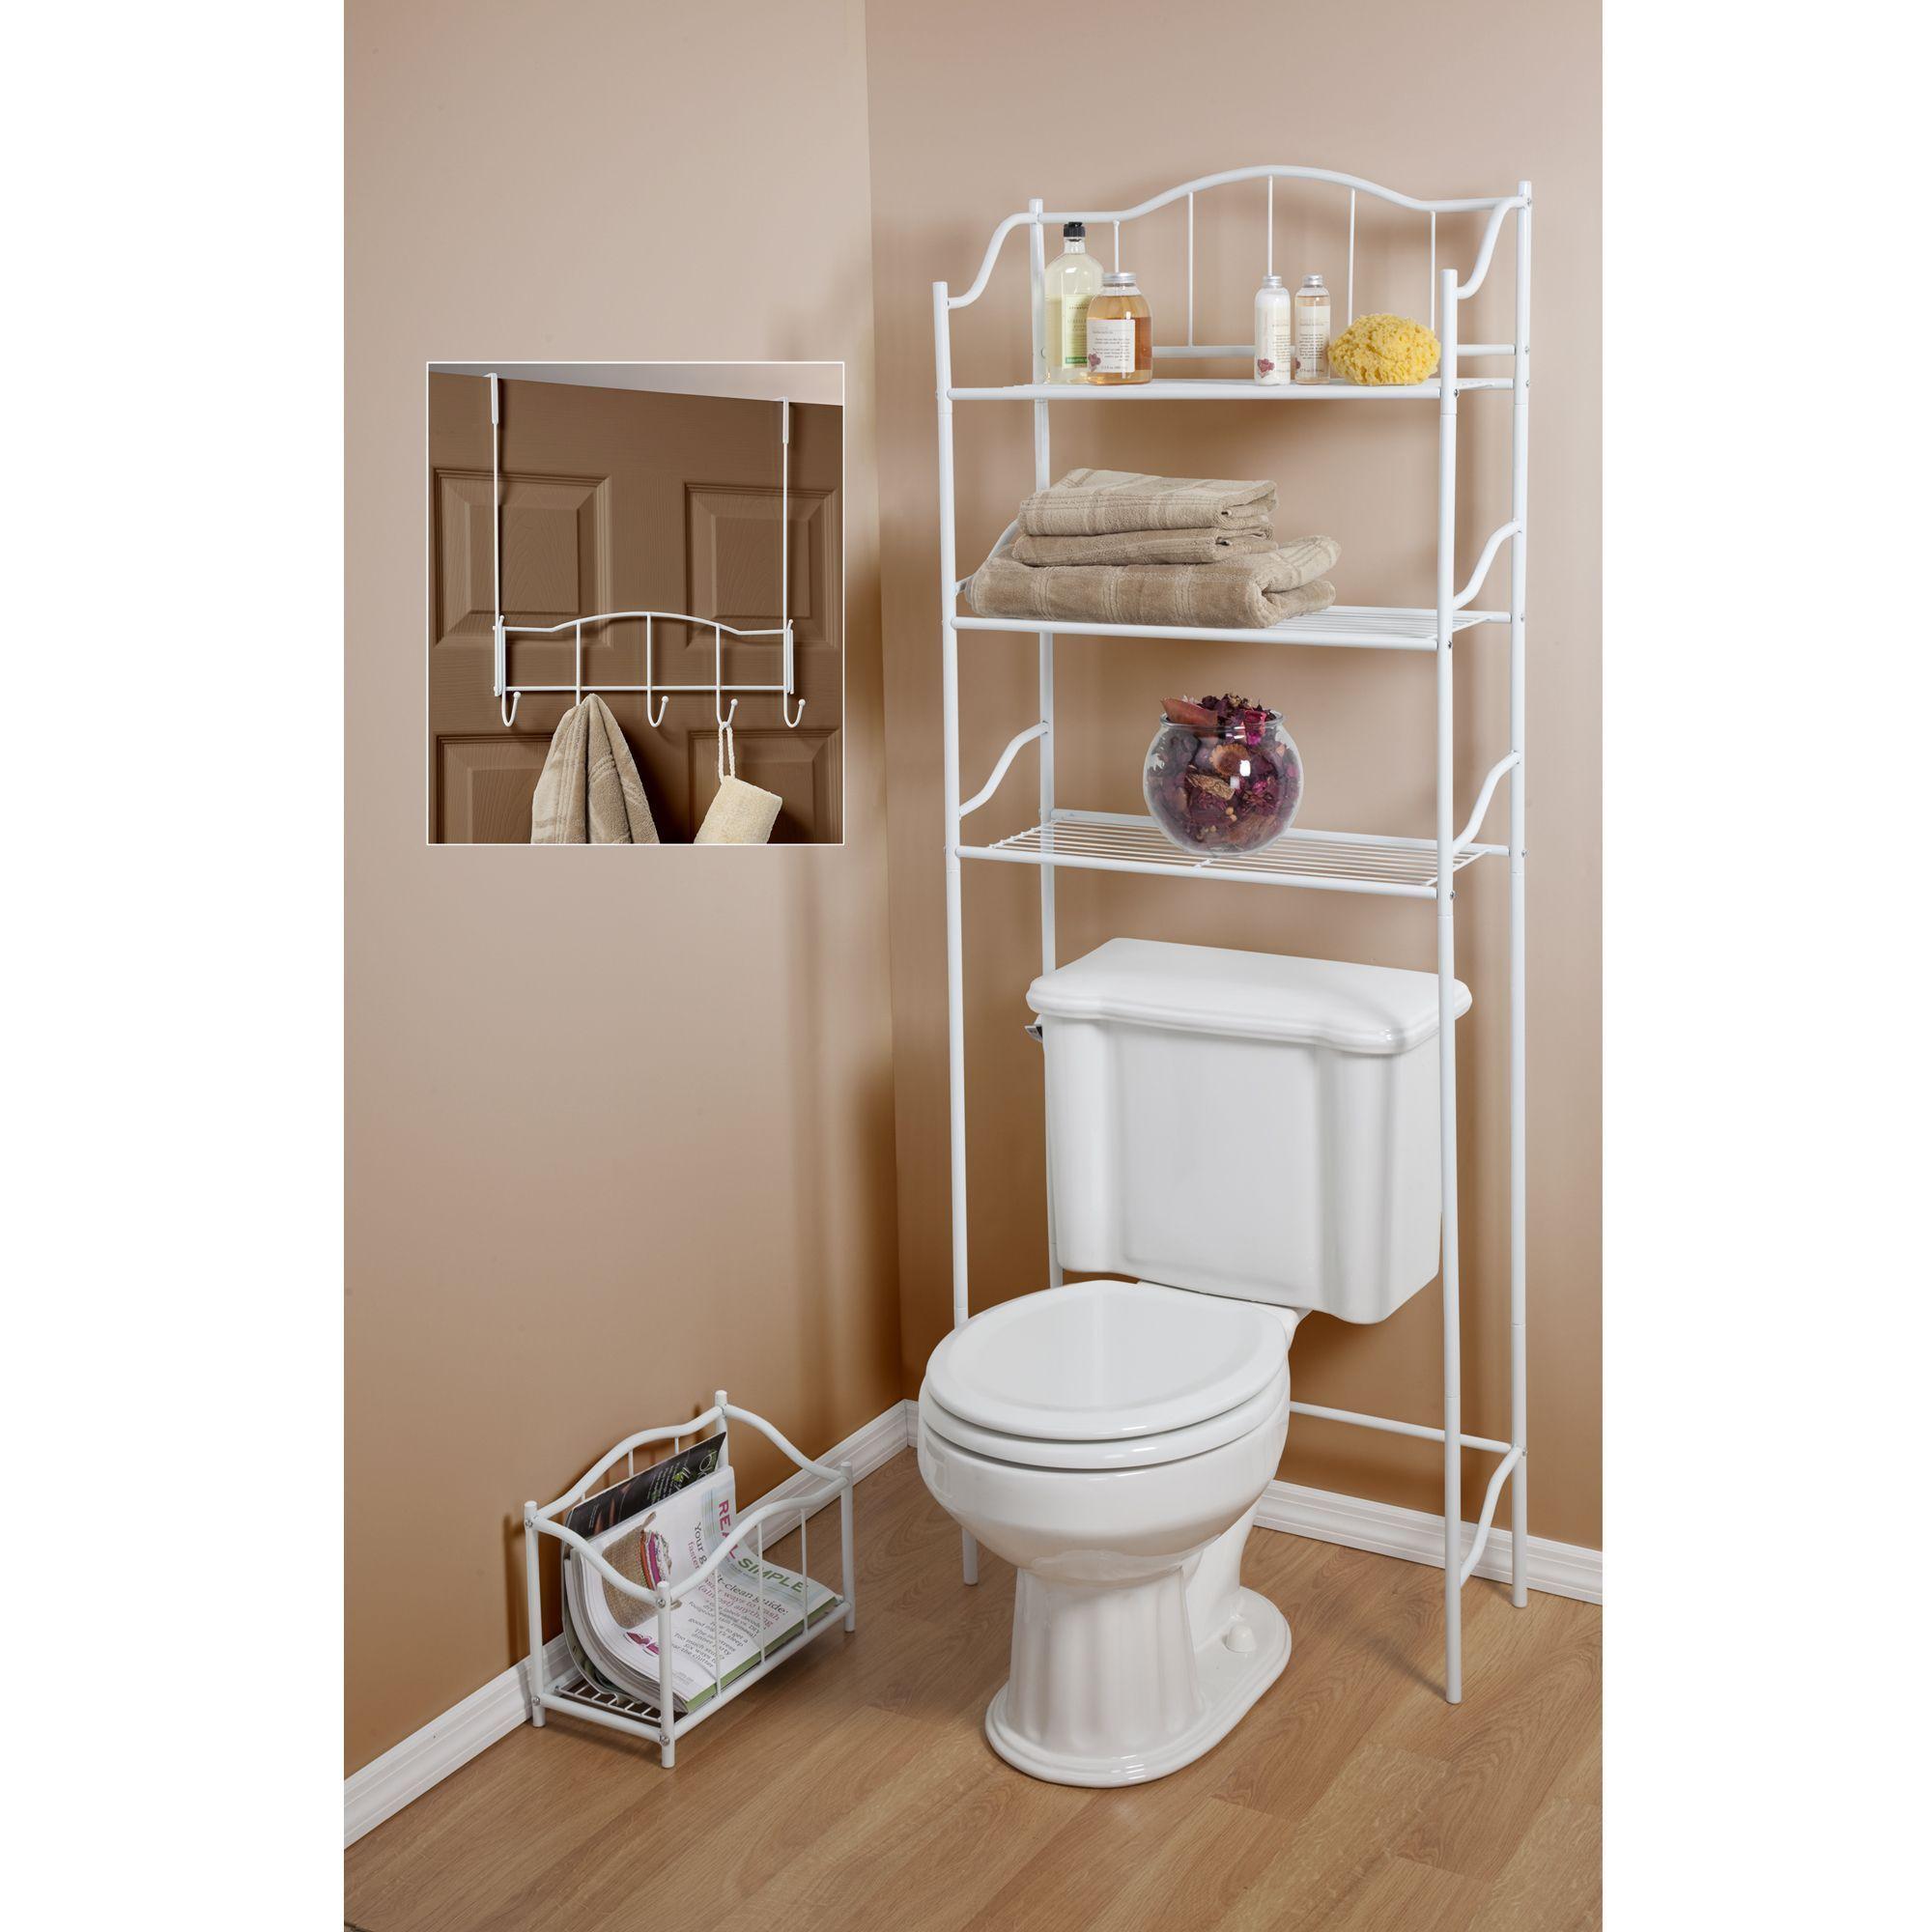 Essential Home 10 pc. Bath Set